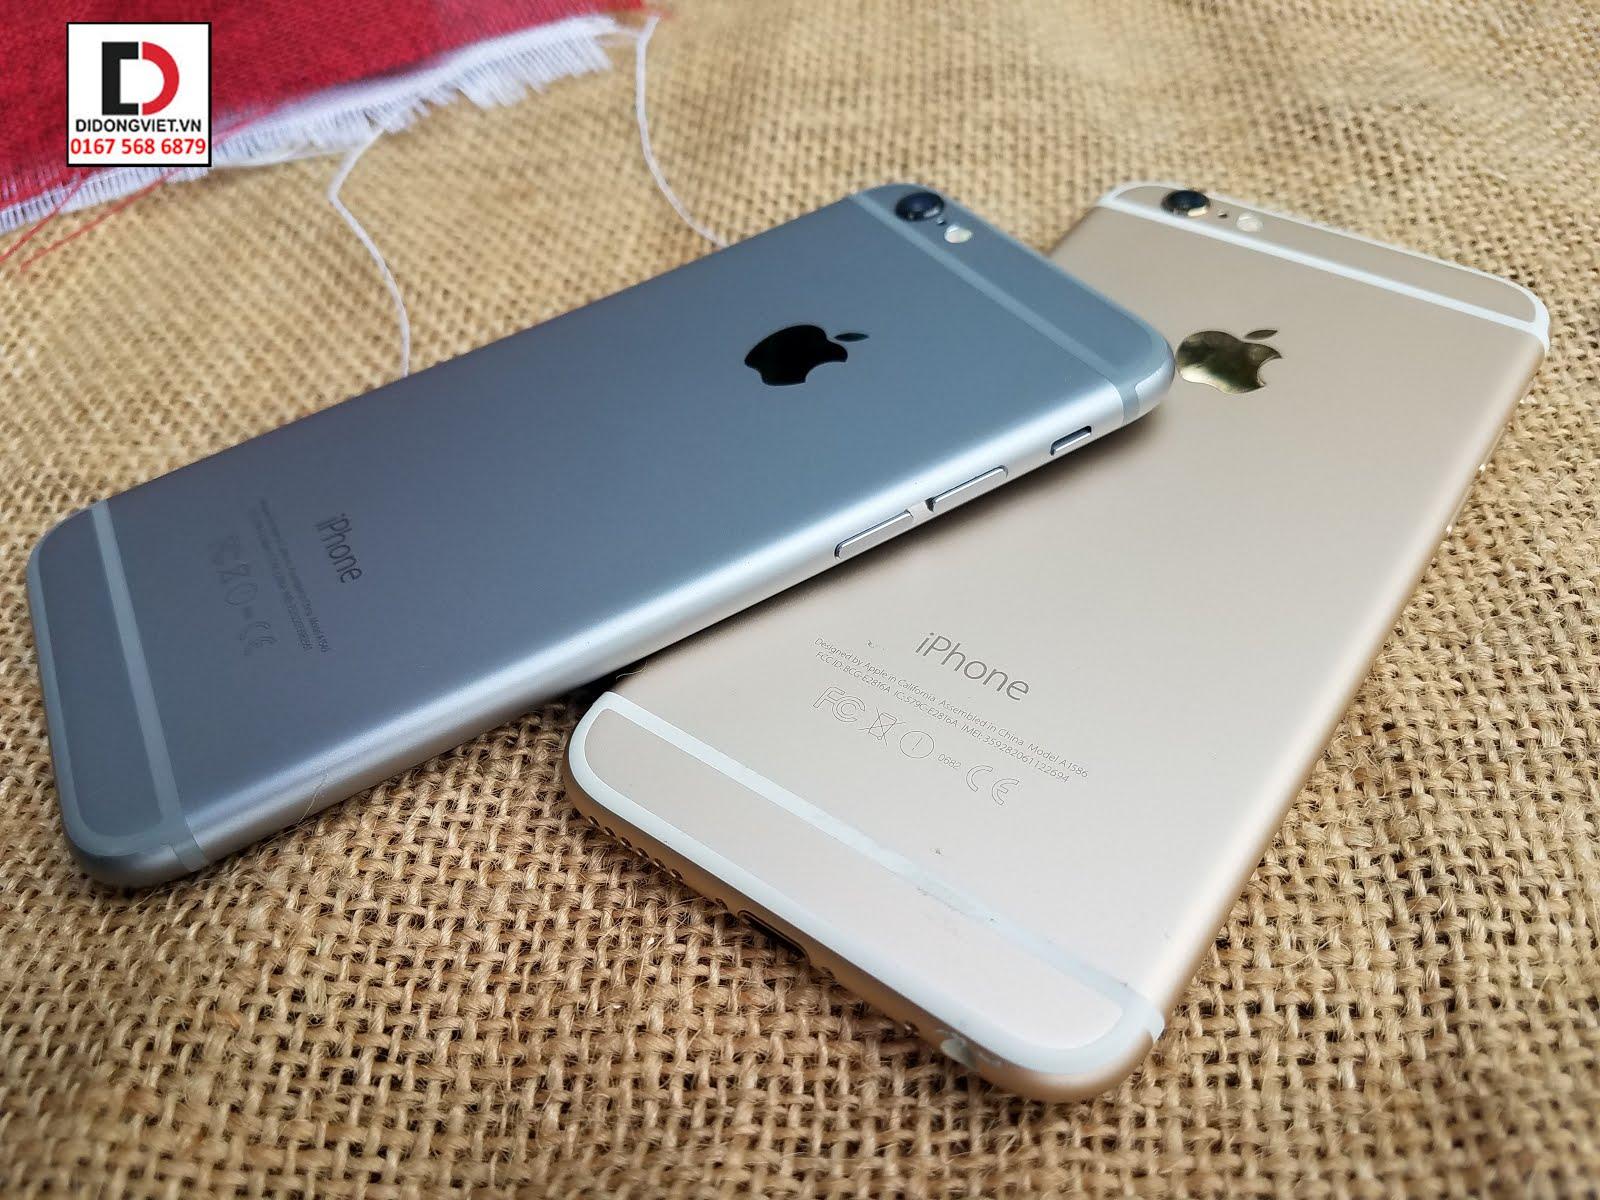 Thông tin liên hệ mua iPhone quốc tế cũ và mới: